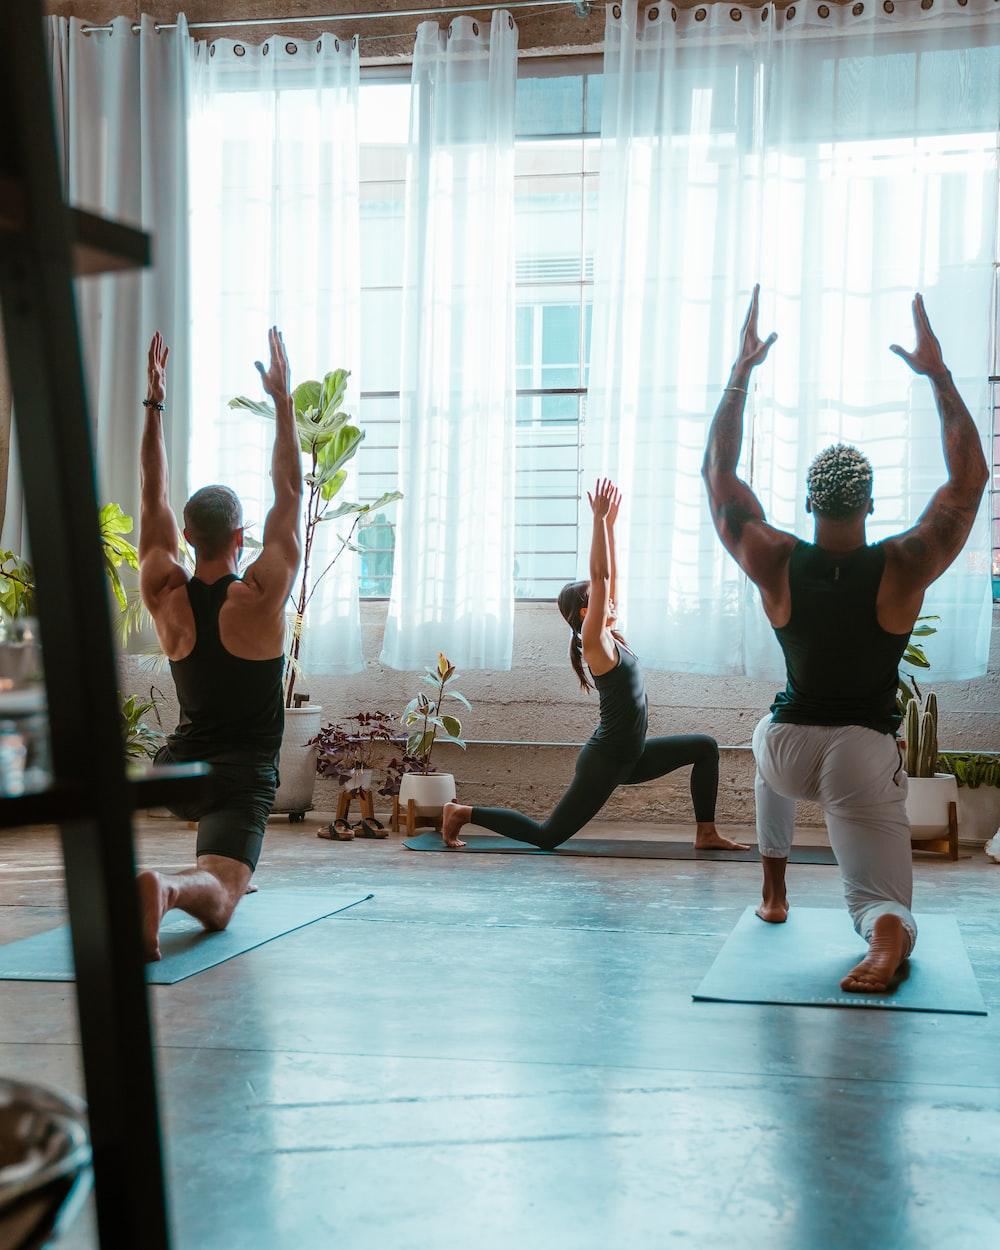 3 women doing yoga on blue yoga mat